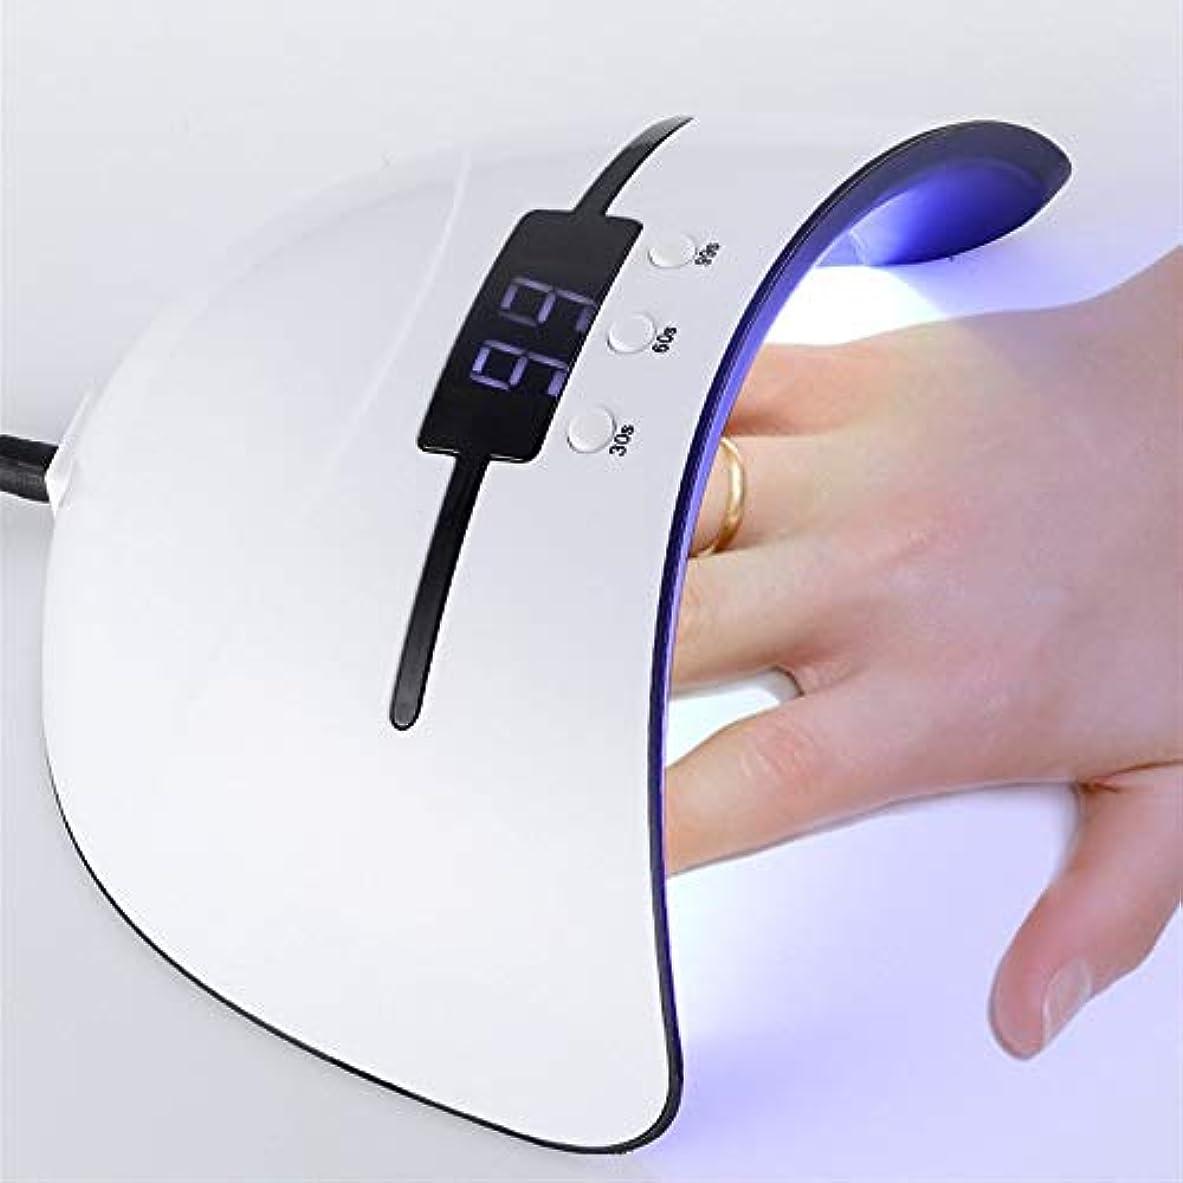 失効スプレー屋内ジェルネイルPolish36Wスマートベルト誘導ネイルオイルグルードライヤーLED +紫外線吸収度ネイル光線療法ランプネイルマシン速乾性